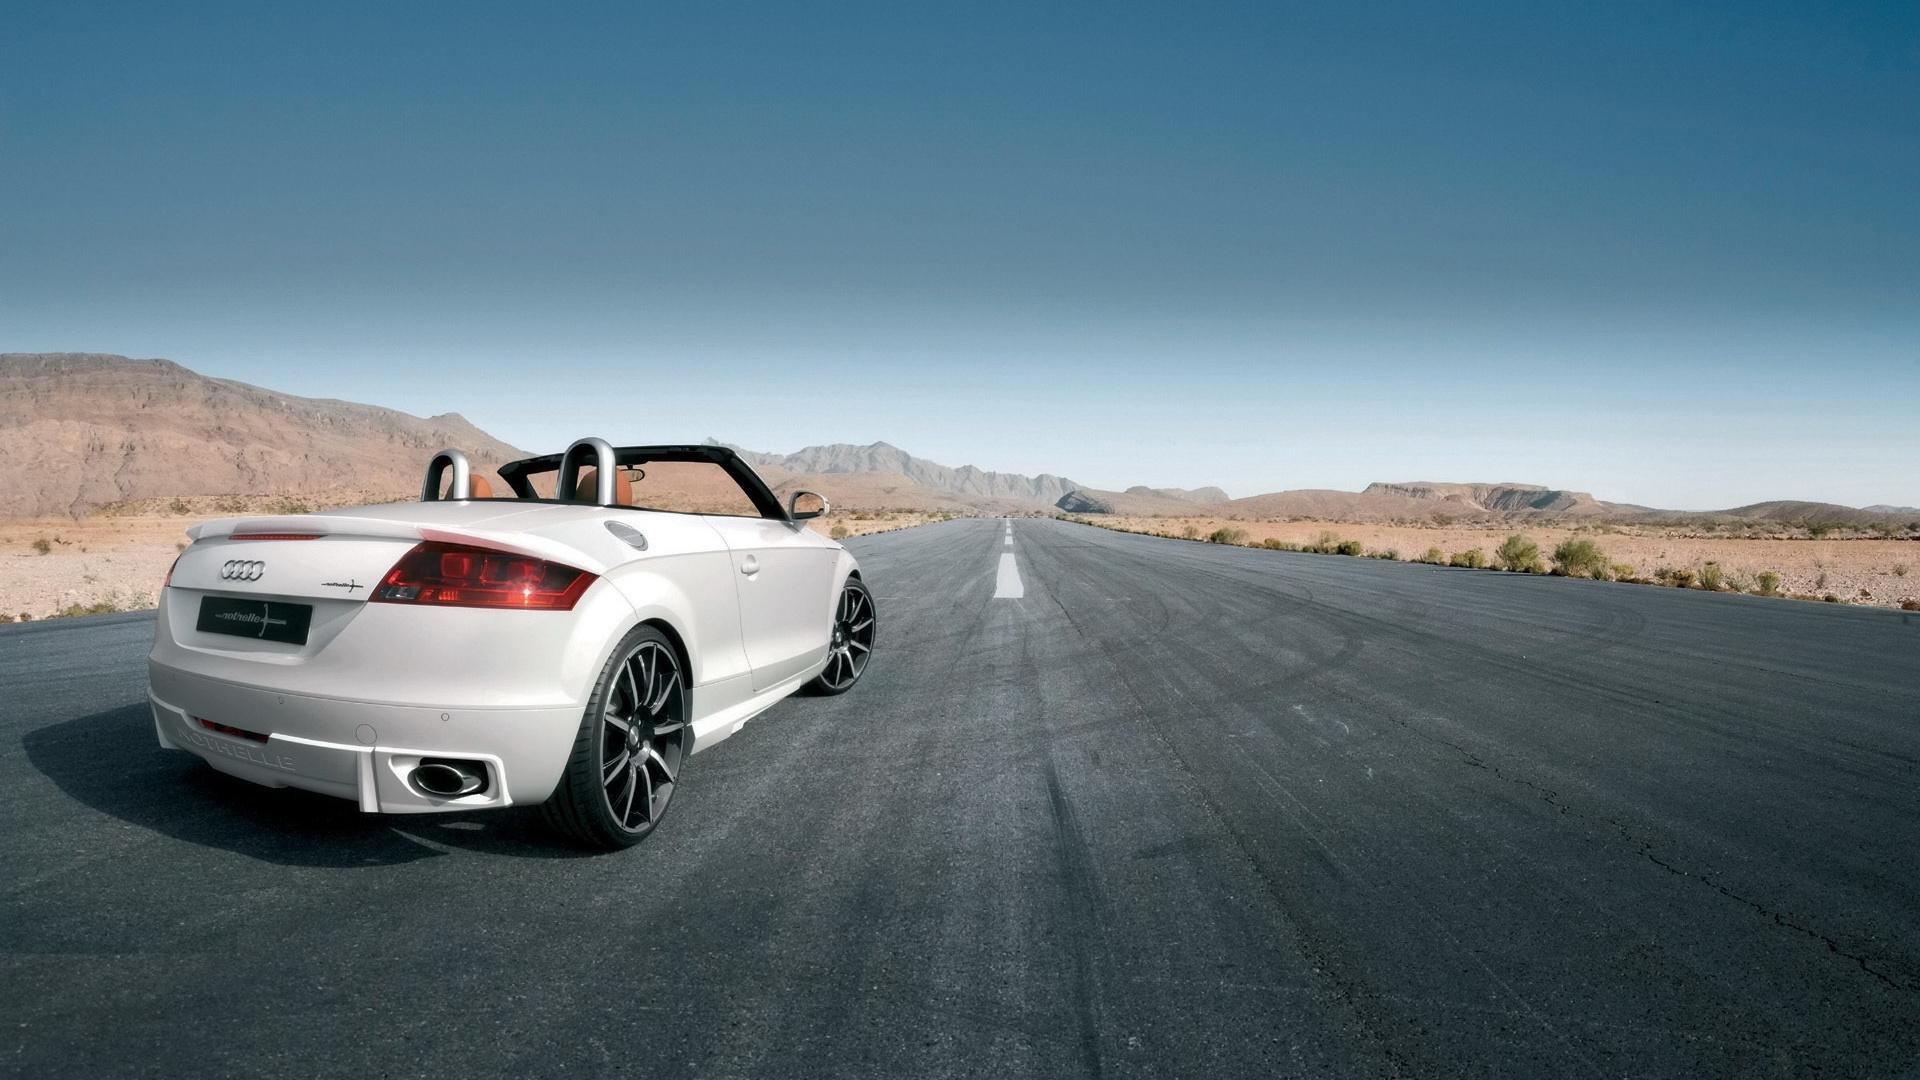 27027 скачать обои Транспорт, Машины, Ауди (Audi) - заставки и картинки бесплатно